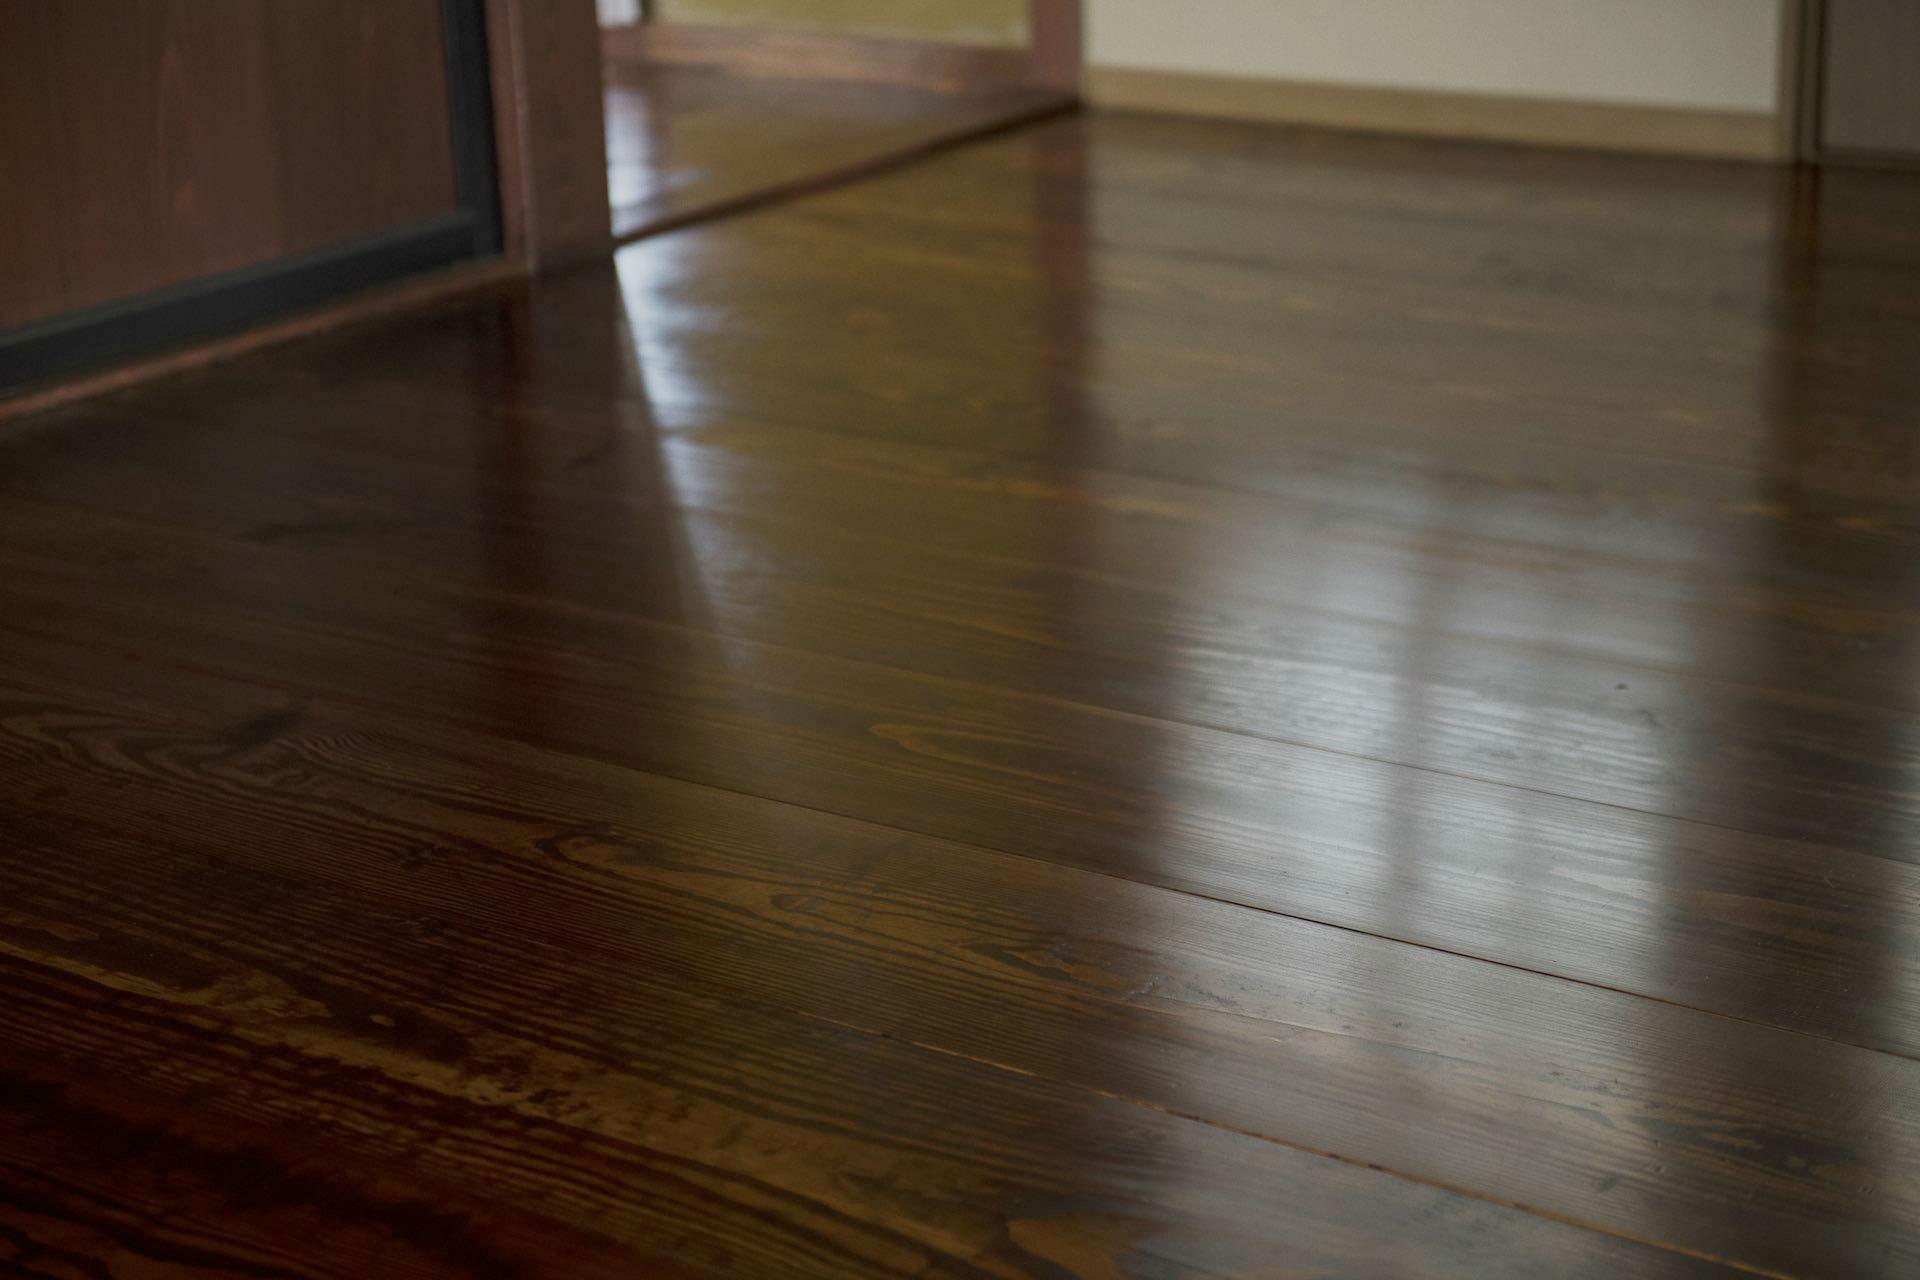 7代目、内田清治さんと美和子さんがふたりで漆を塗った床 (撮影:片岡杏子)